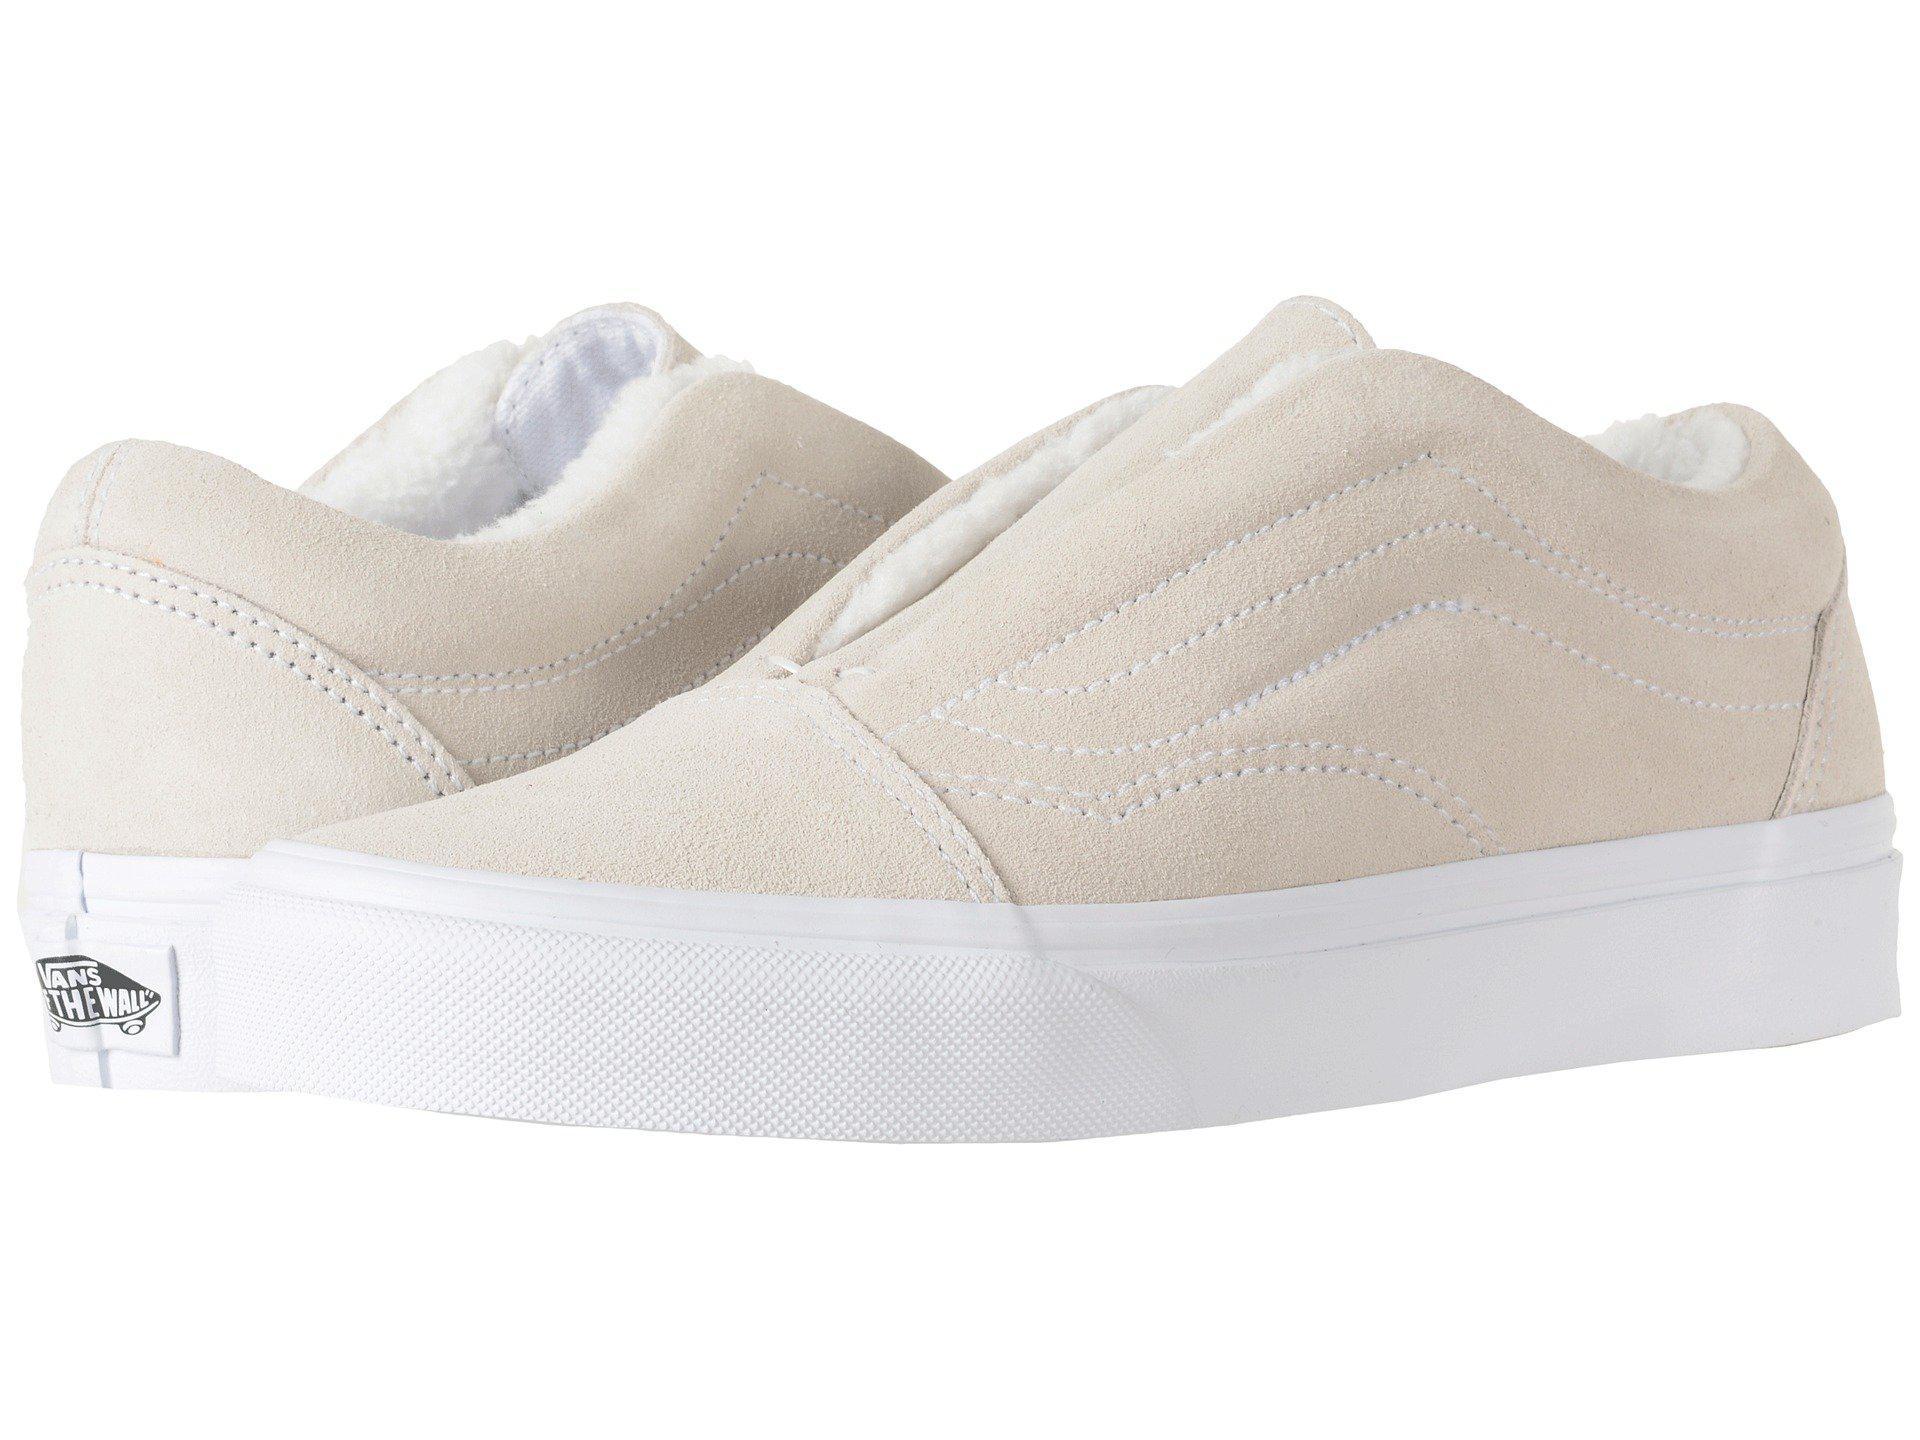 Vans. Women's White Old Skool Laceless Hg